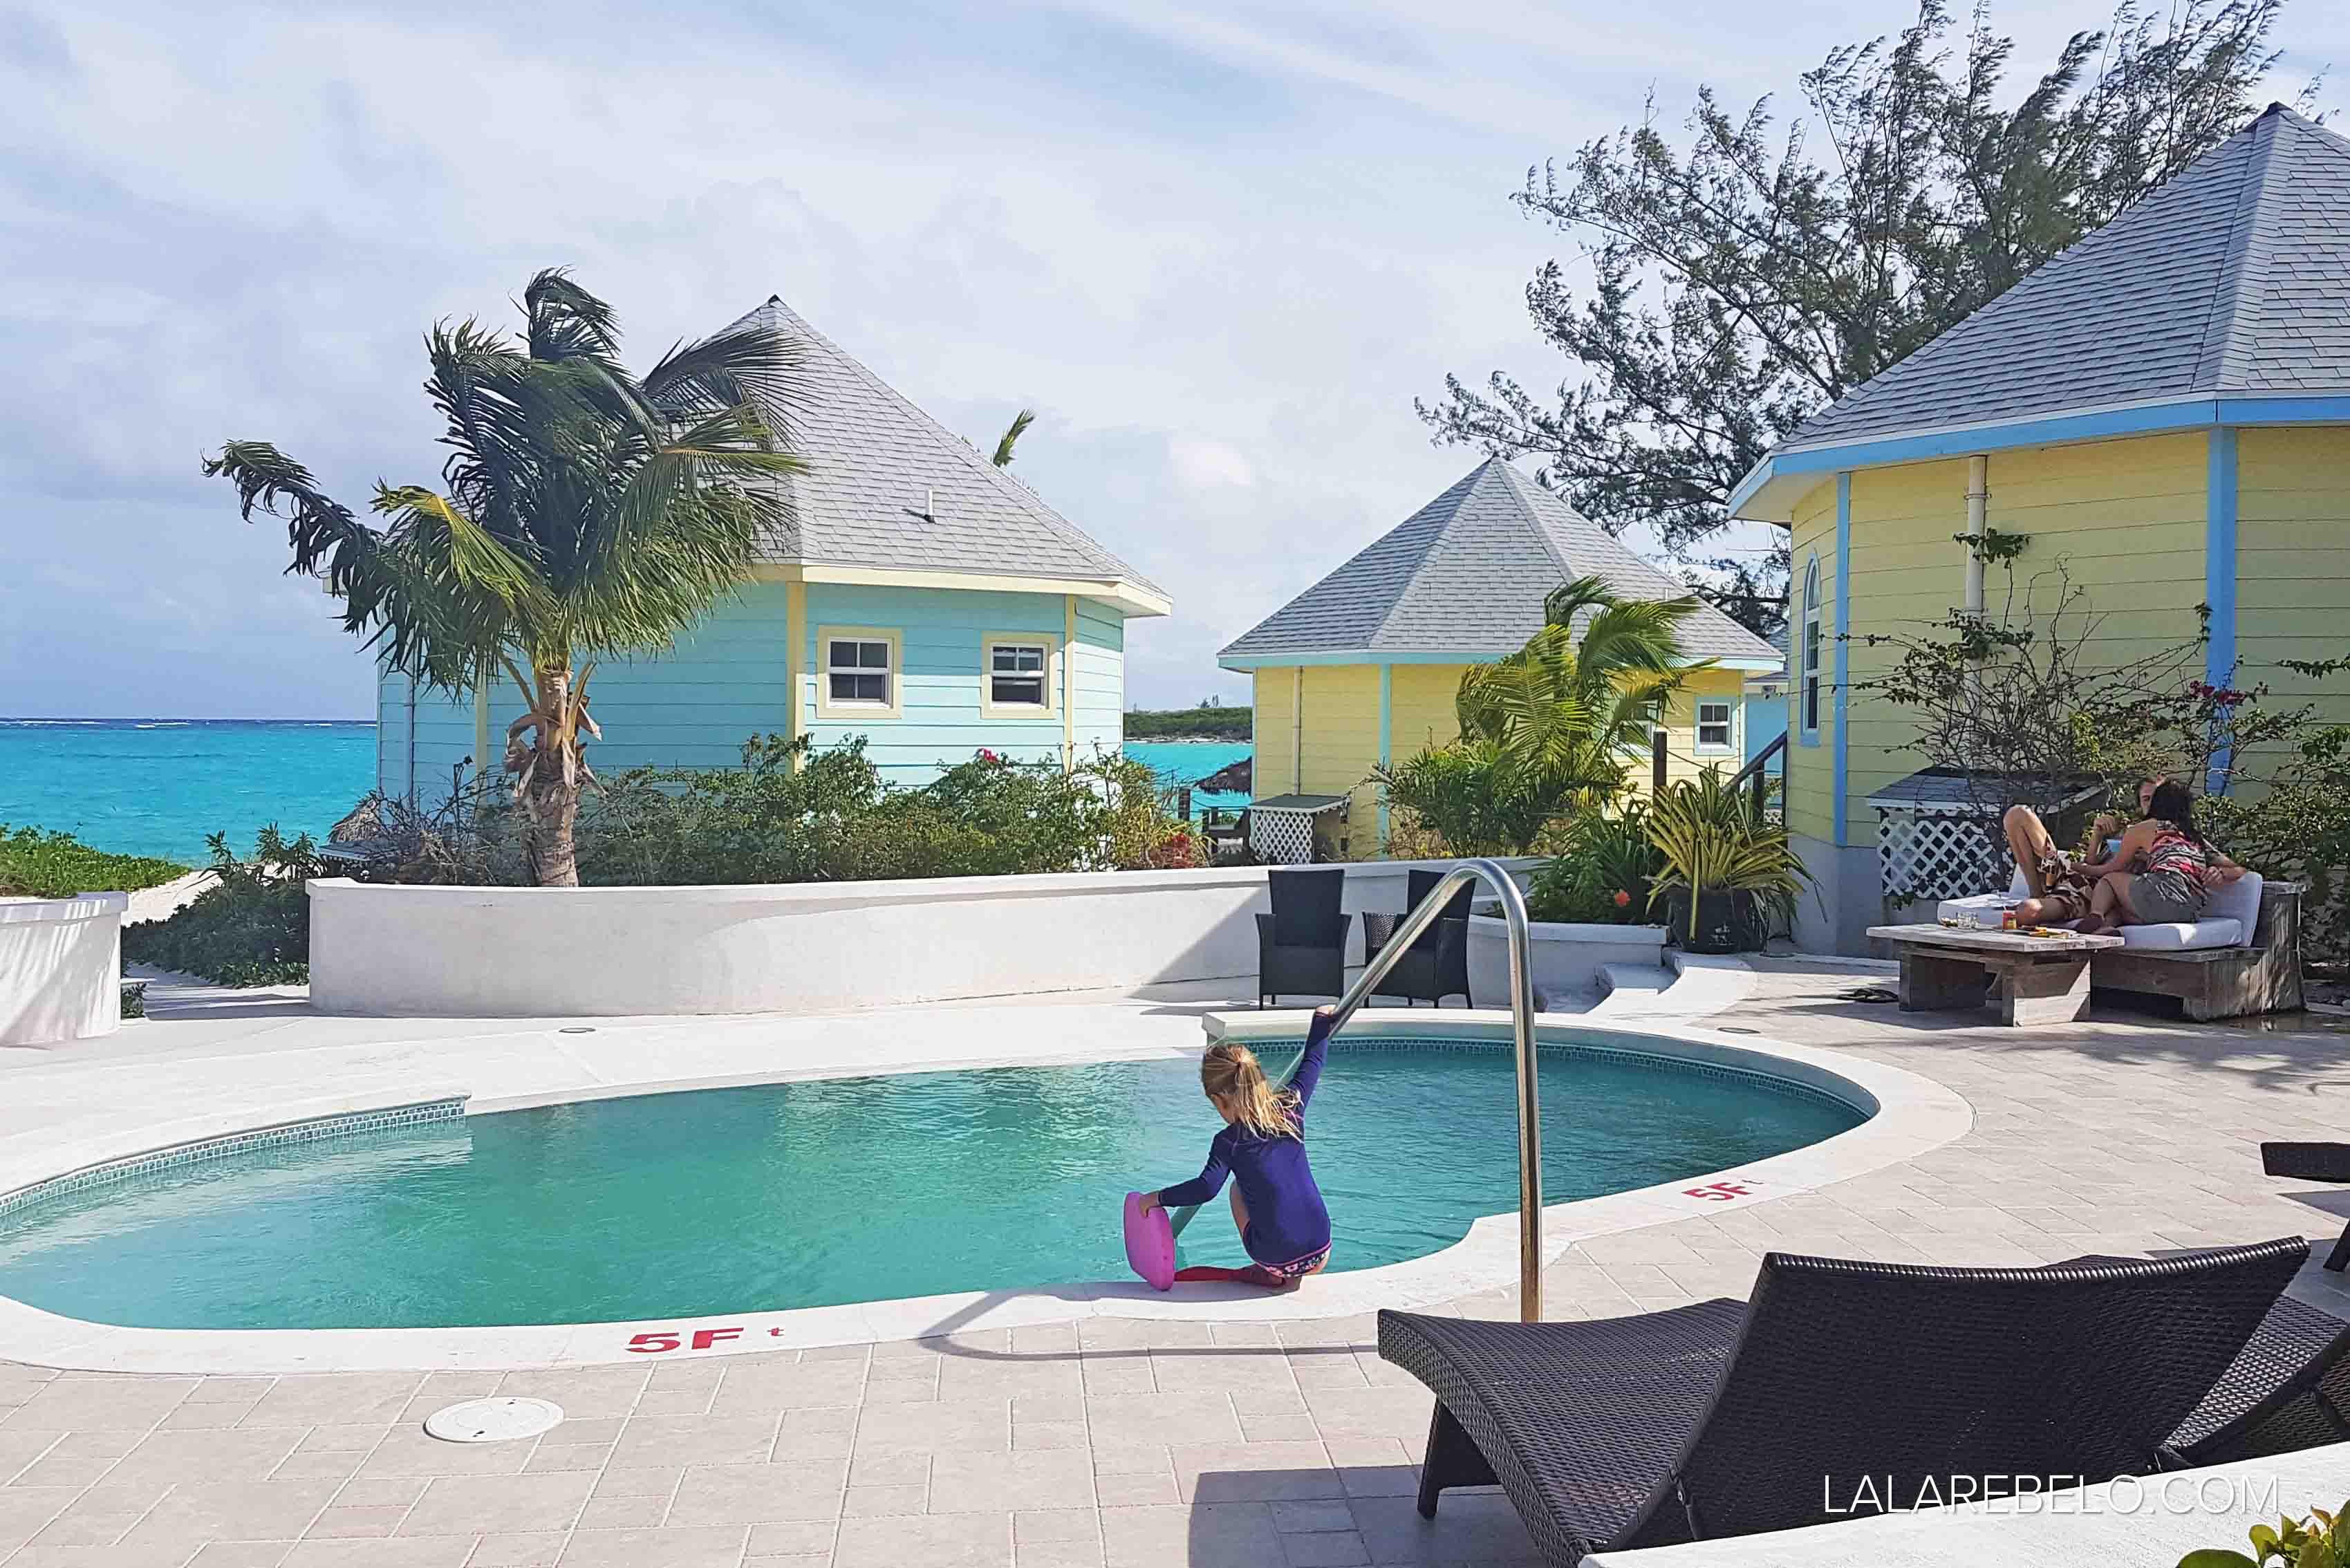 Piscina do hotel Paradise Bay em Great Exuma, Bahamas